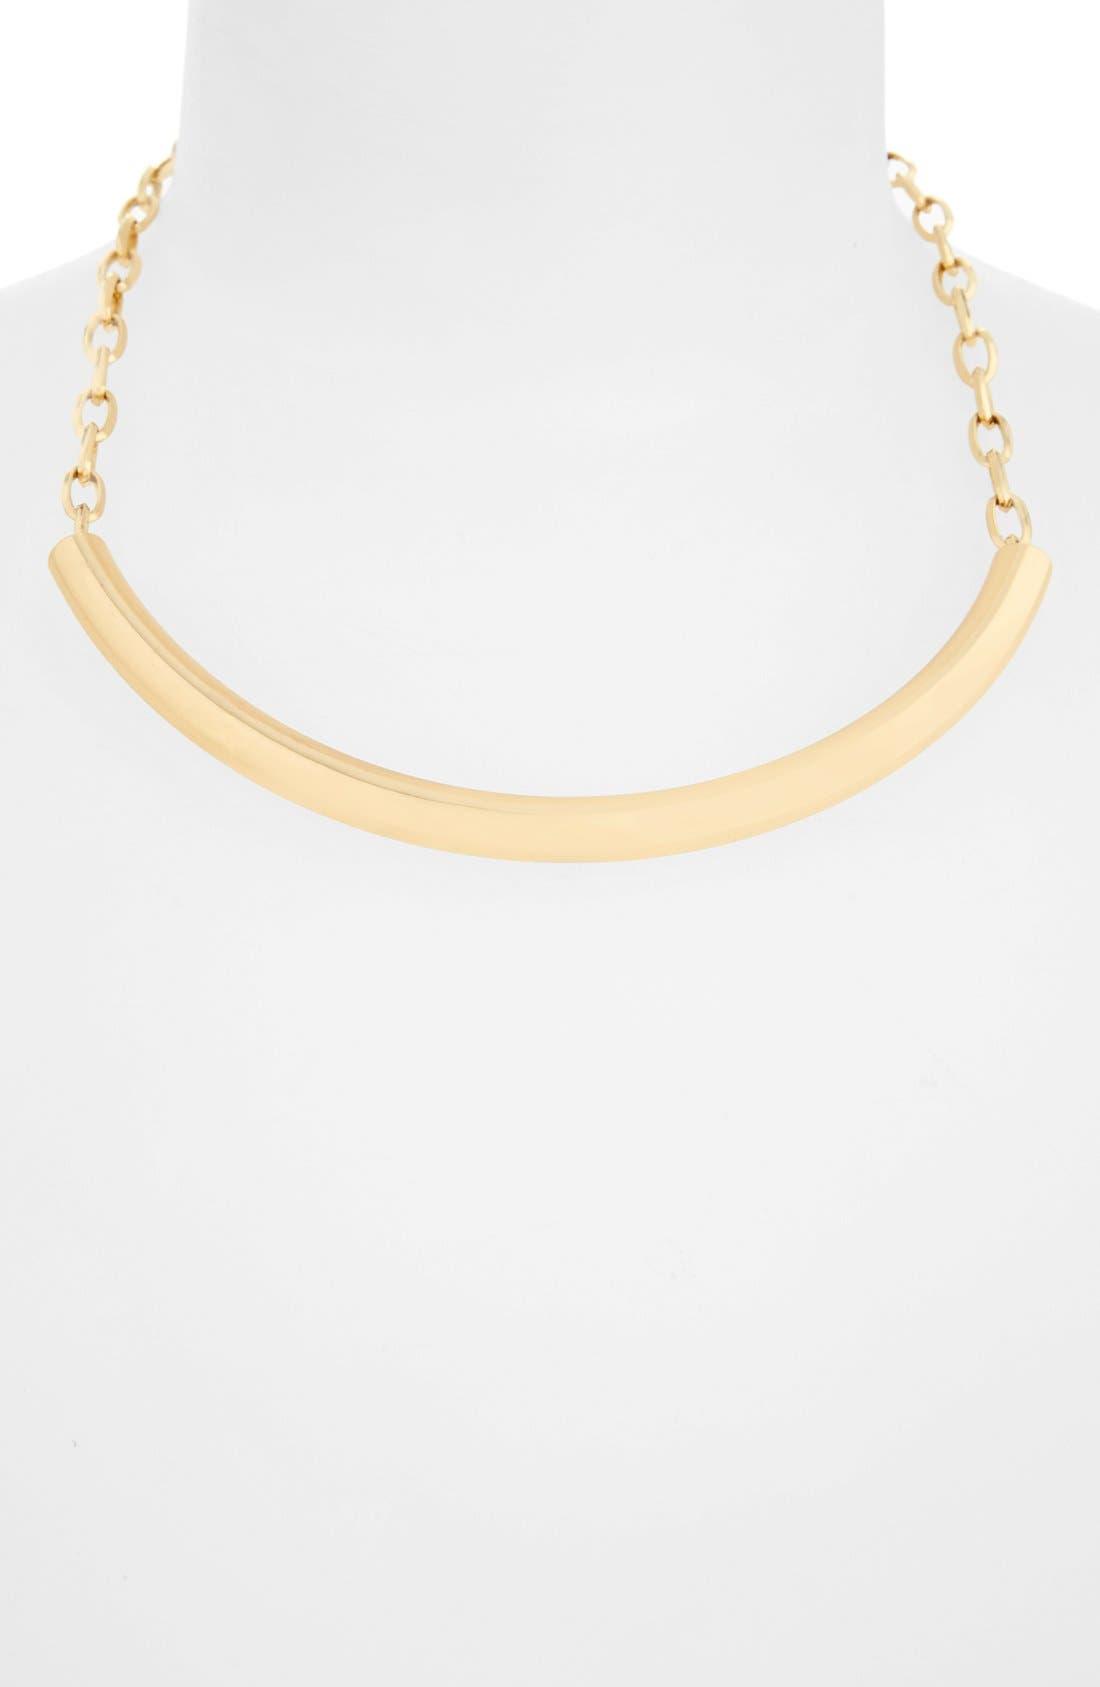 Alternate Image 1 Selected - Nordstrom Metal Bar Statement Necklace